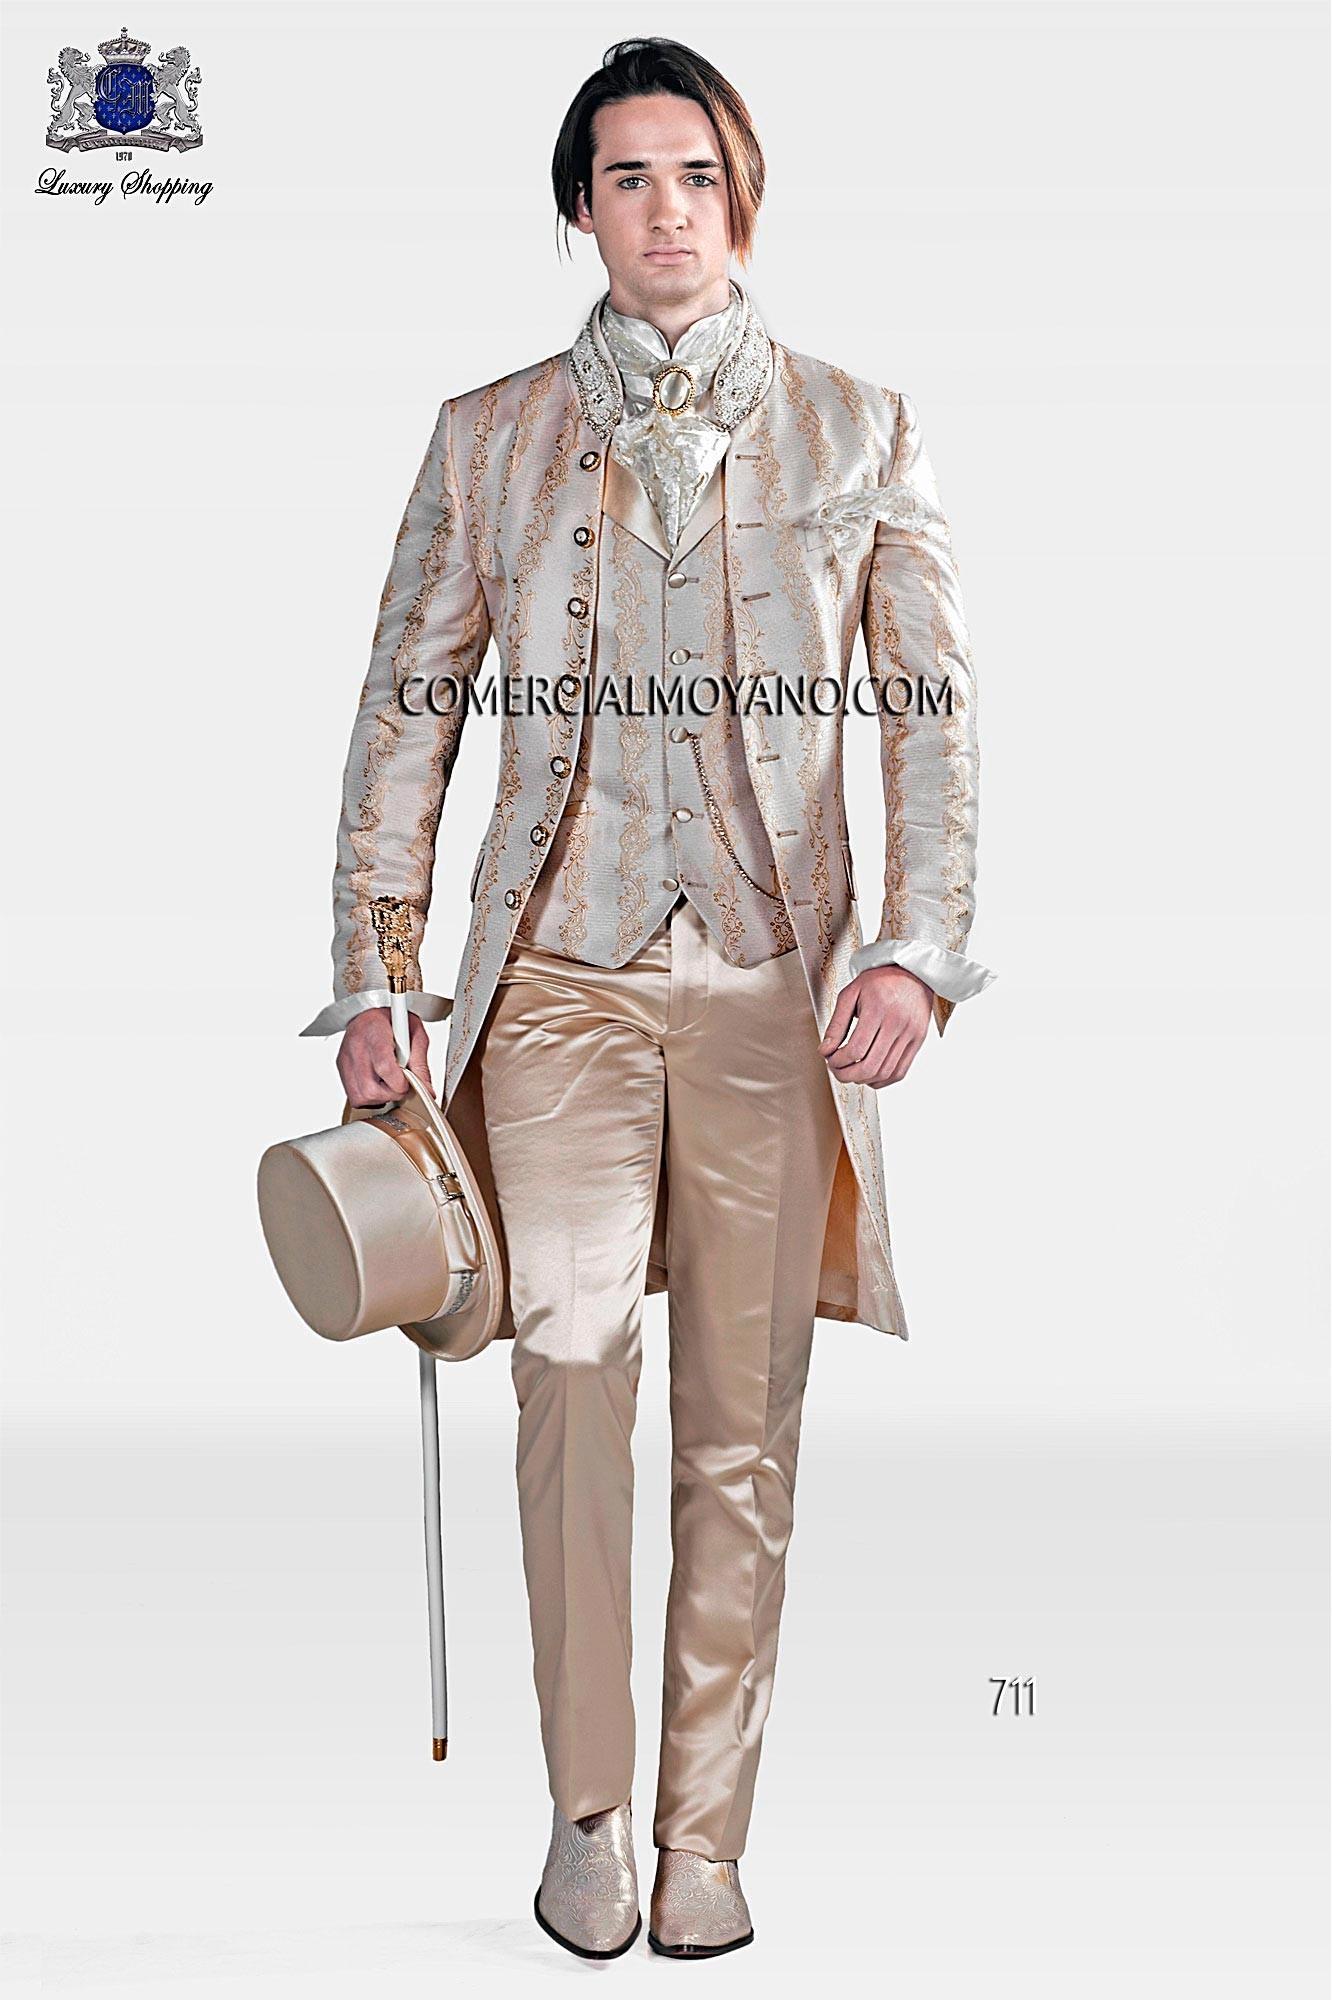 Traje de novio barroco marfil dorado modelo: 711 Ottavio Nuccio Gala colección Barroco